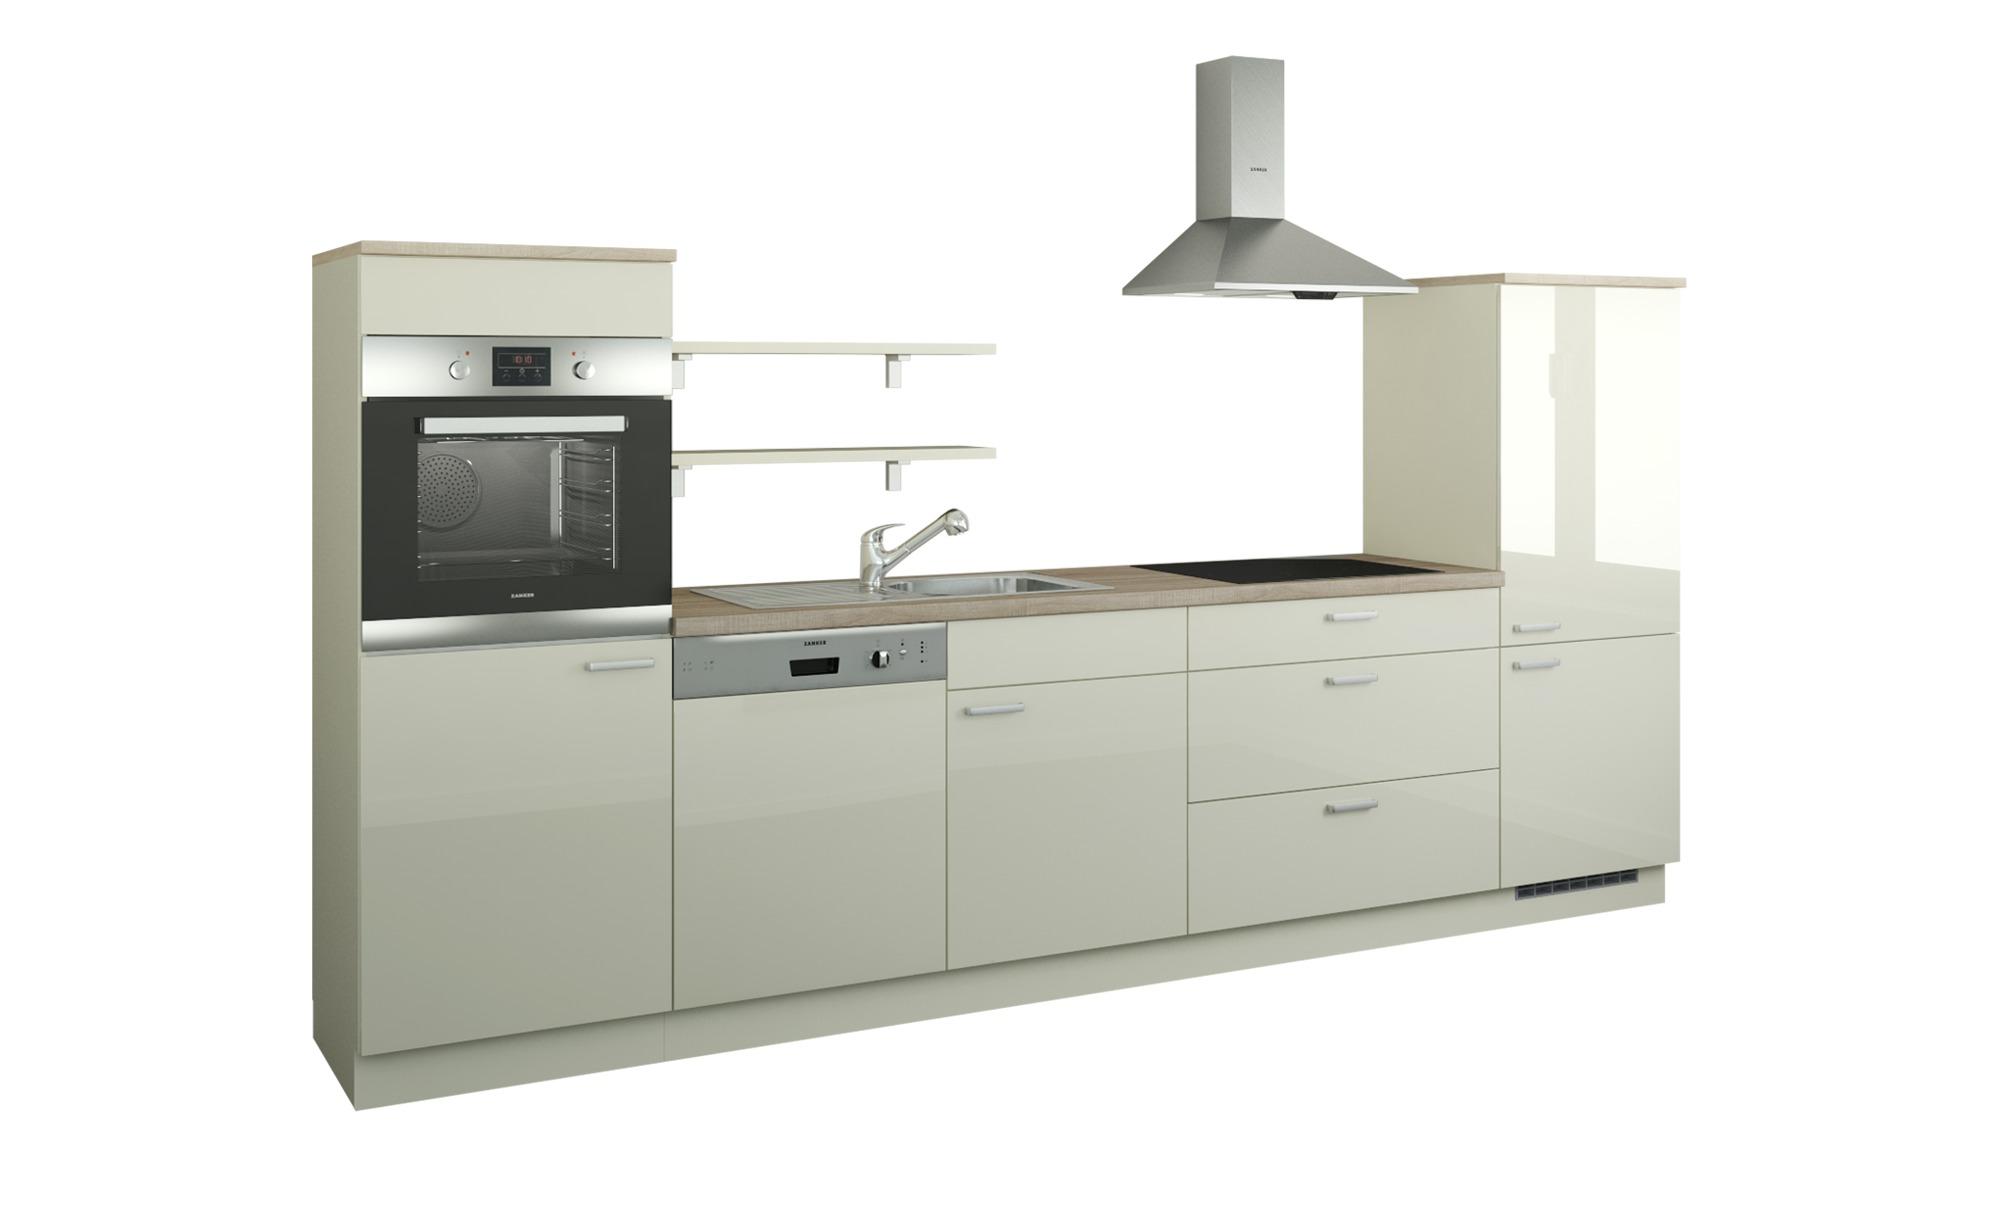 Küchenzeile ohne Elektrogeräte  Kassel ¦ creme ¦ Maße (cm): B: 330 Küchen > Küchenblöcke ohne E-Geräte - Höffner